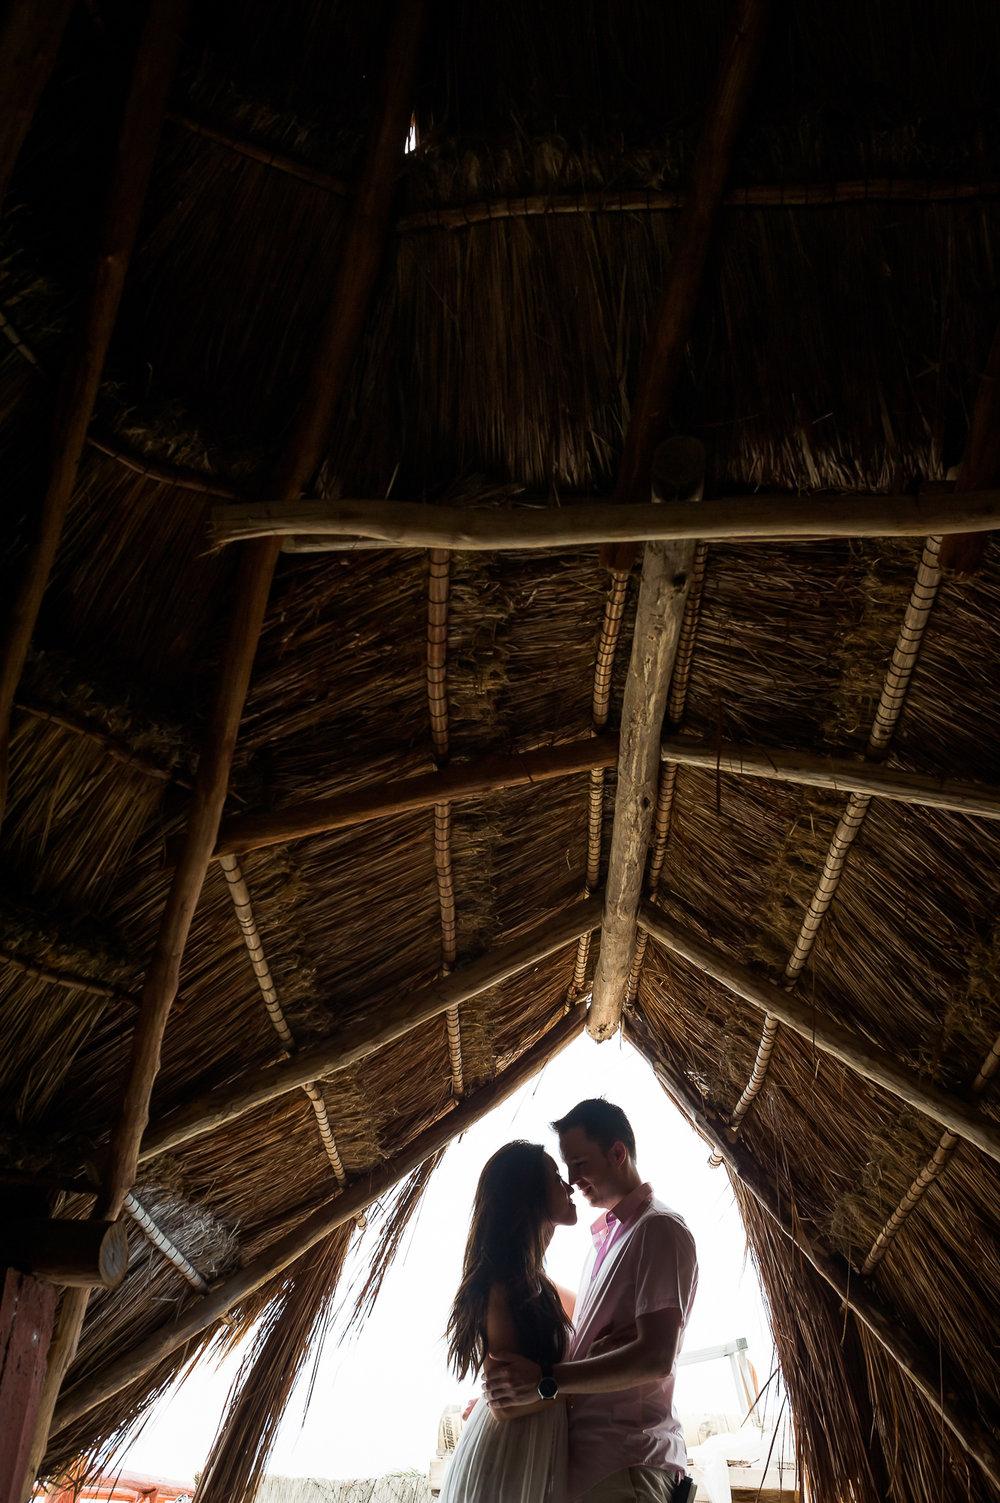 133-David Loi Studios - Cancun Mexico Engagement Session - Destination Engagement Session-25174.jpg